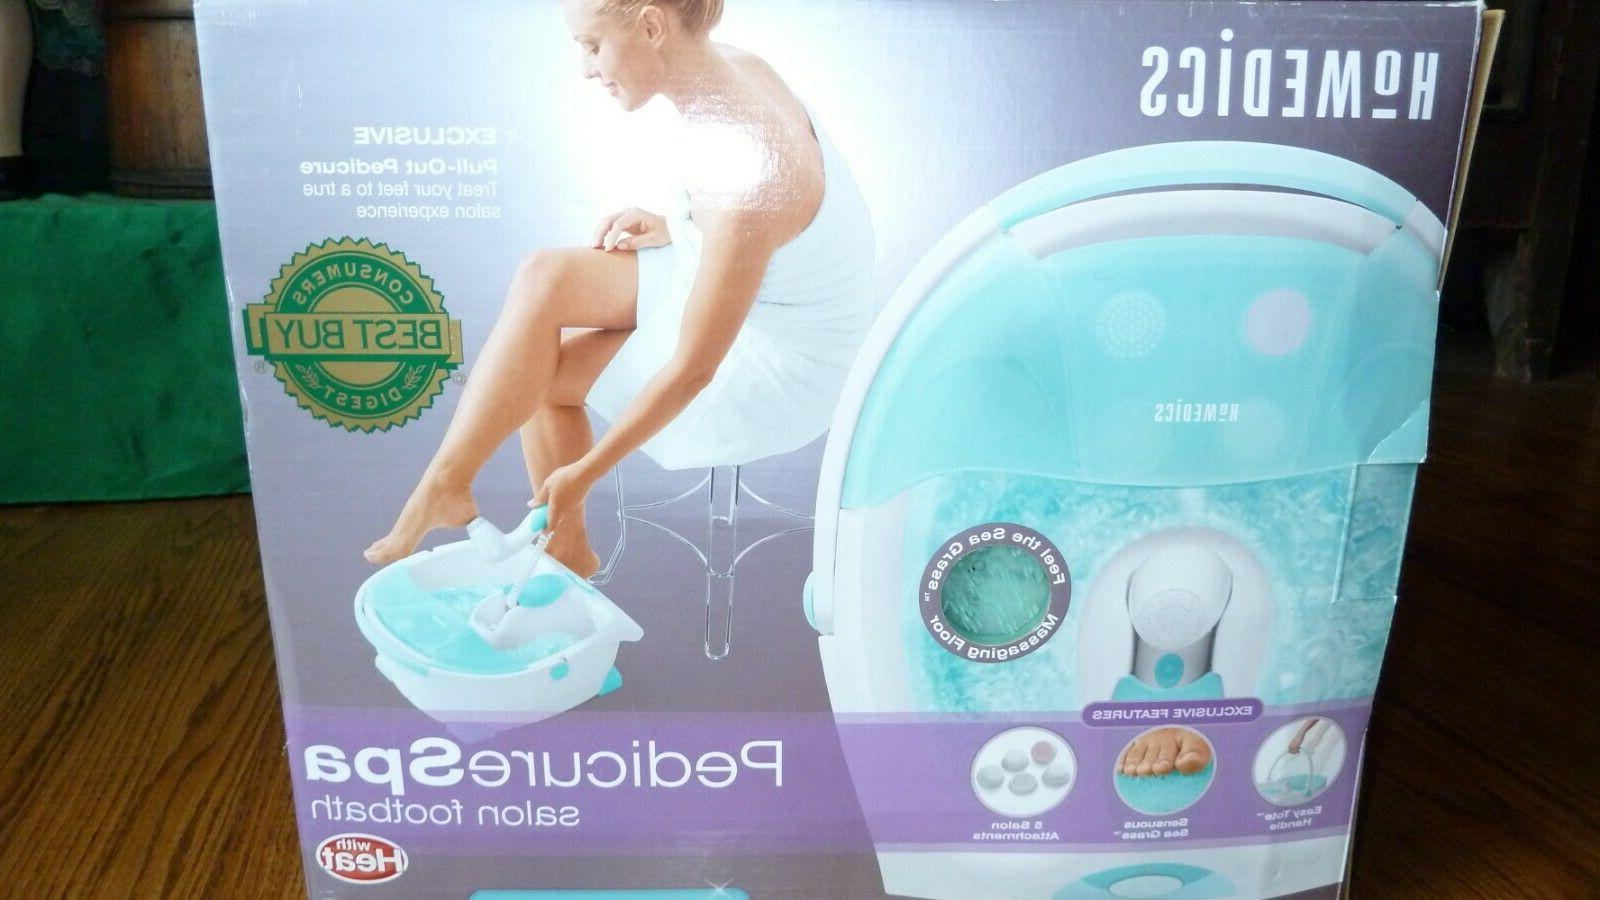 pedicure foot spa salon footbath with heat